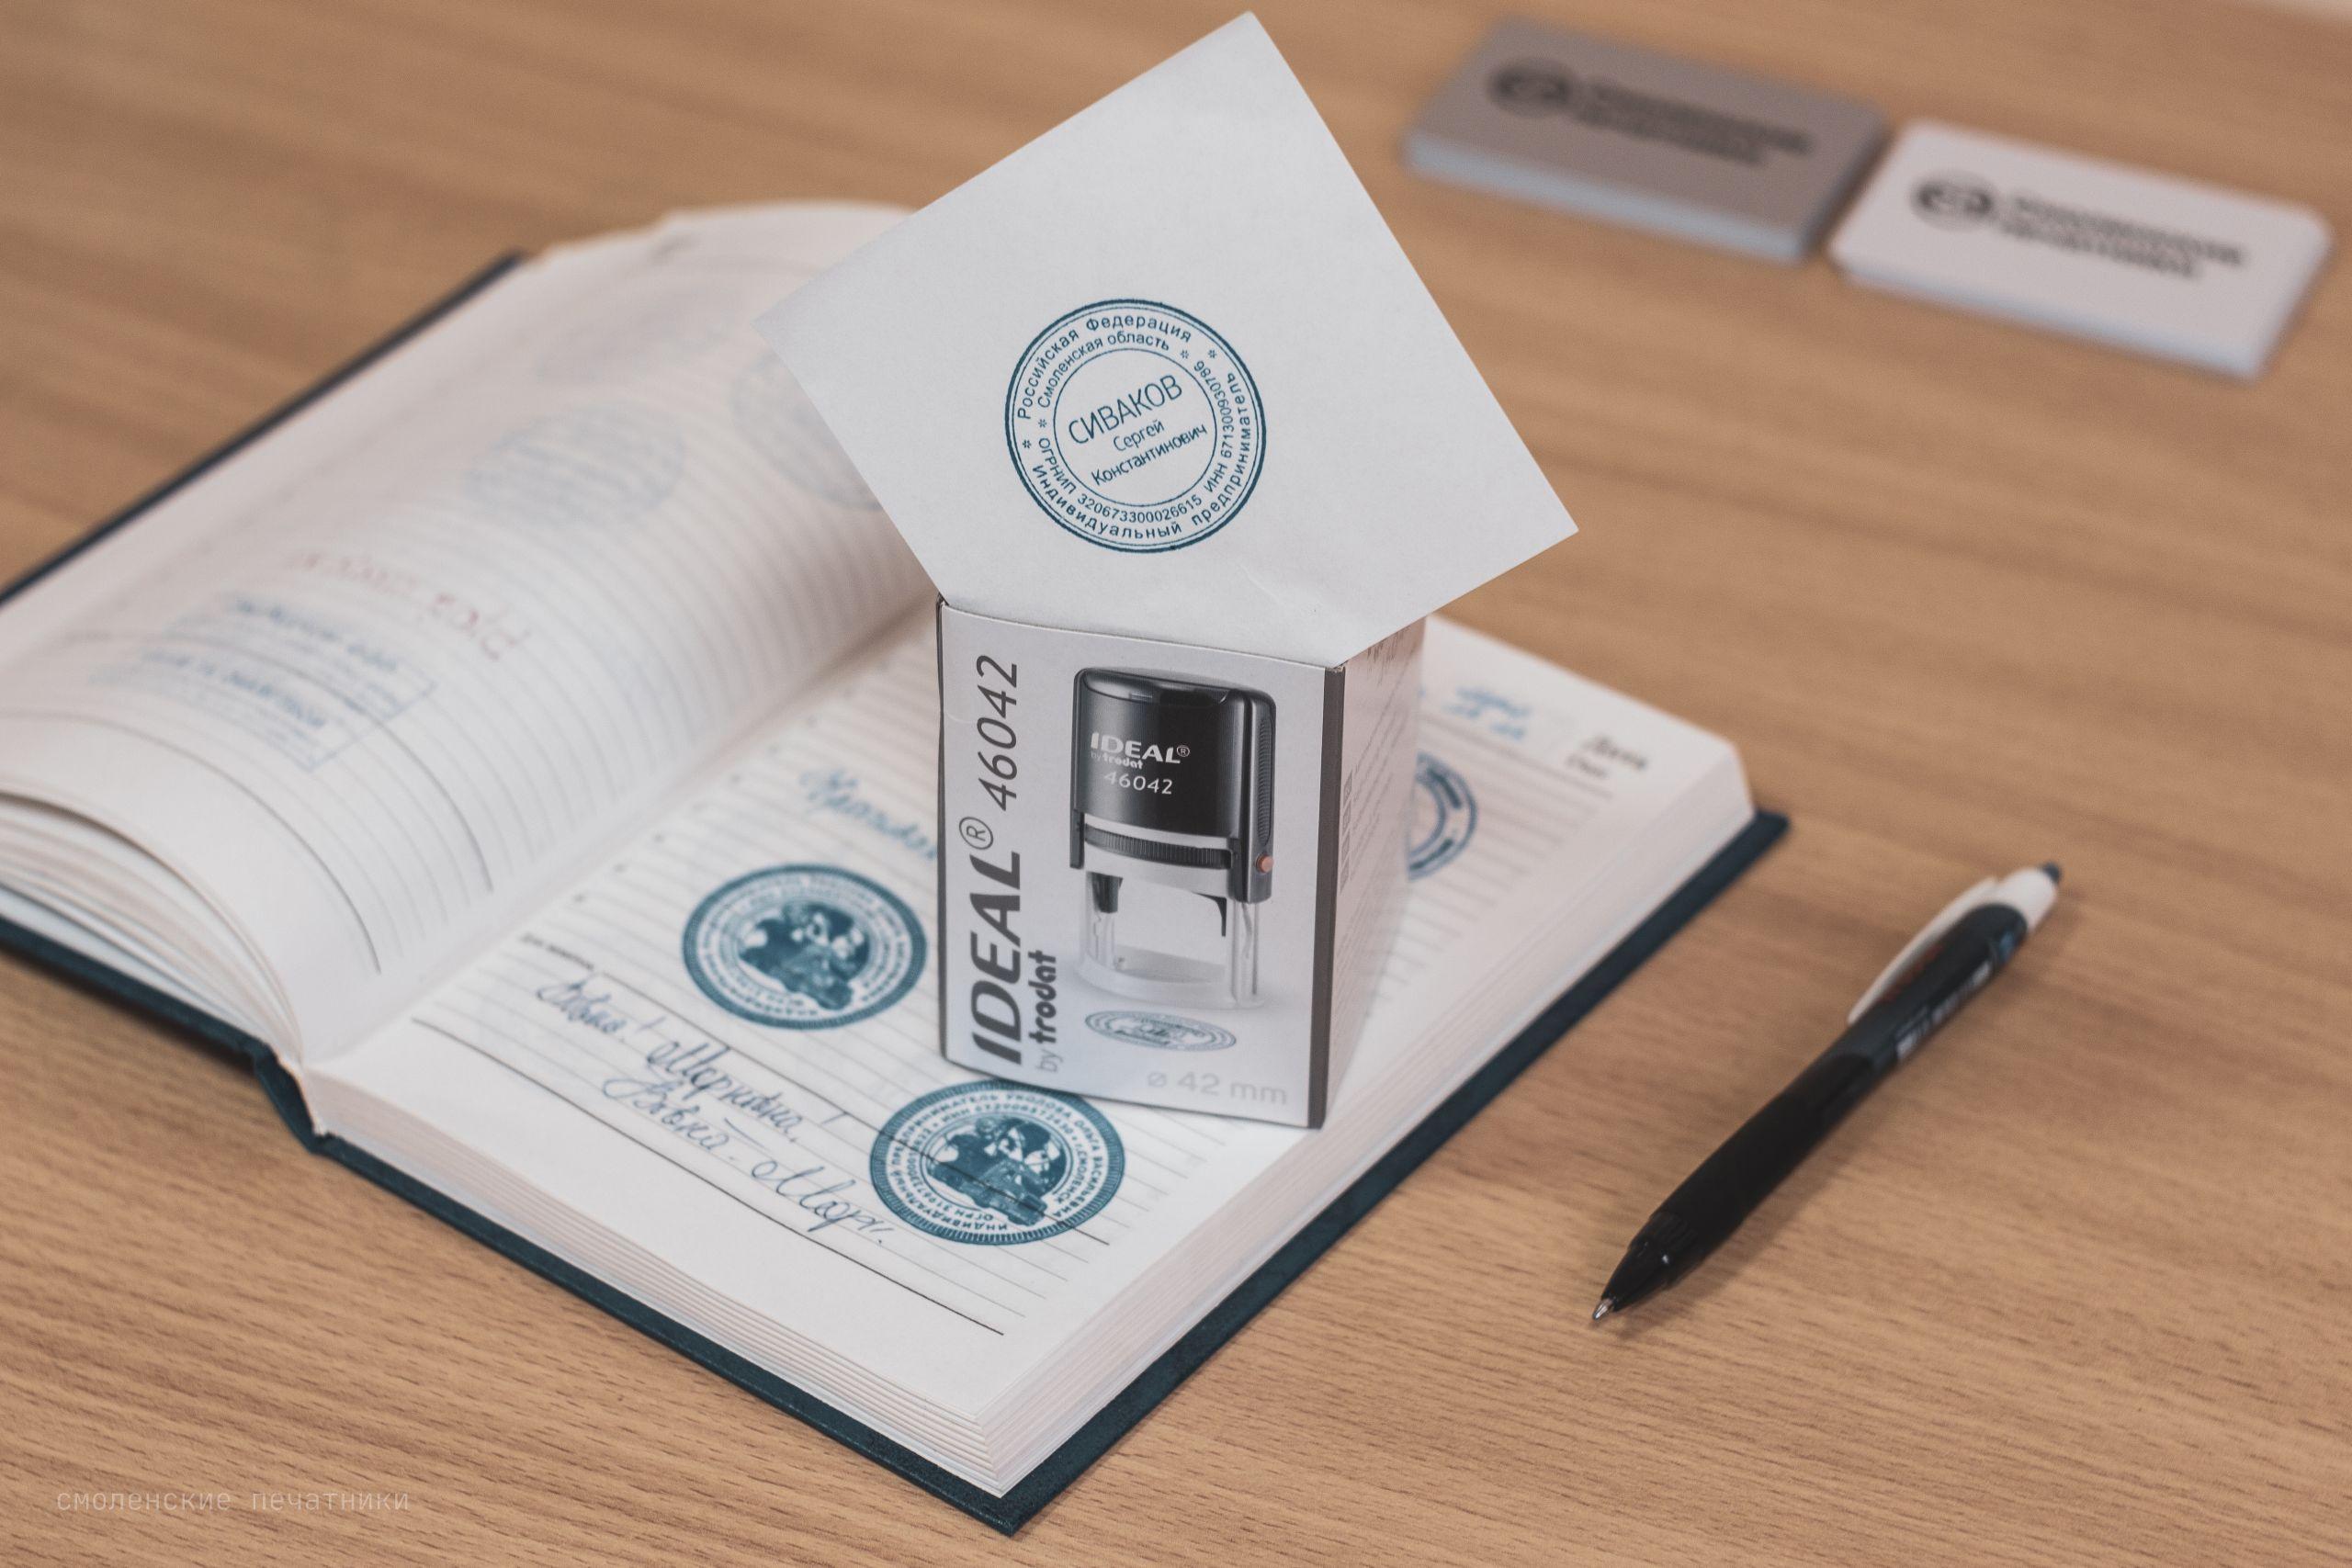 Смоленские печатники Изготовление печатей и штампов в Смоленске